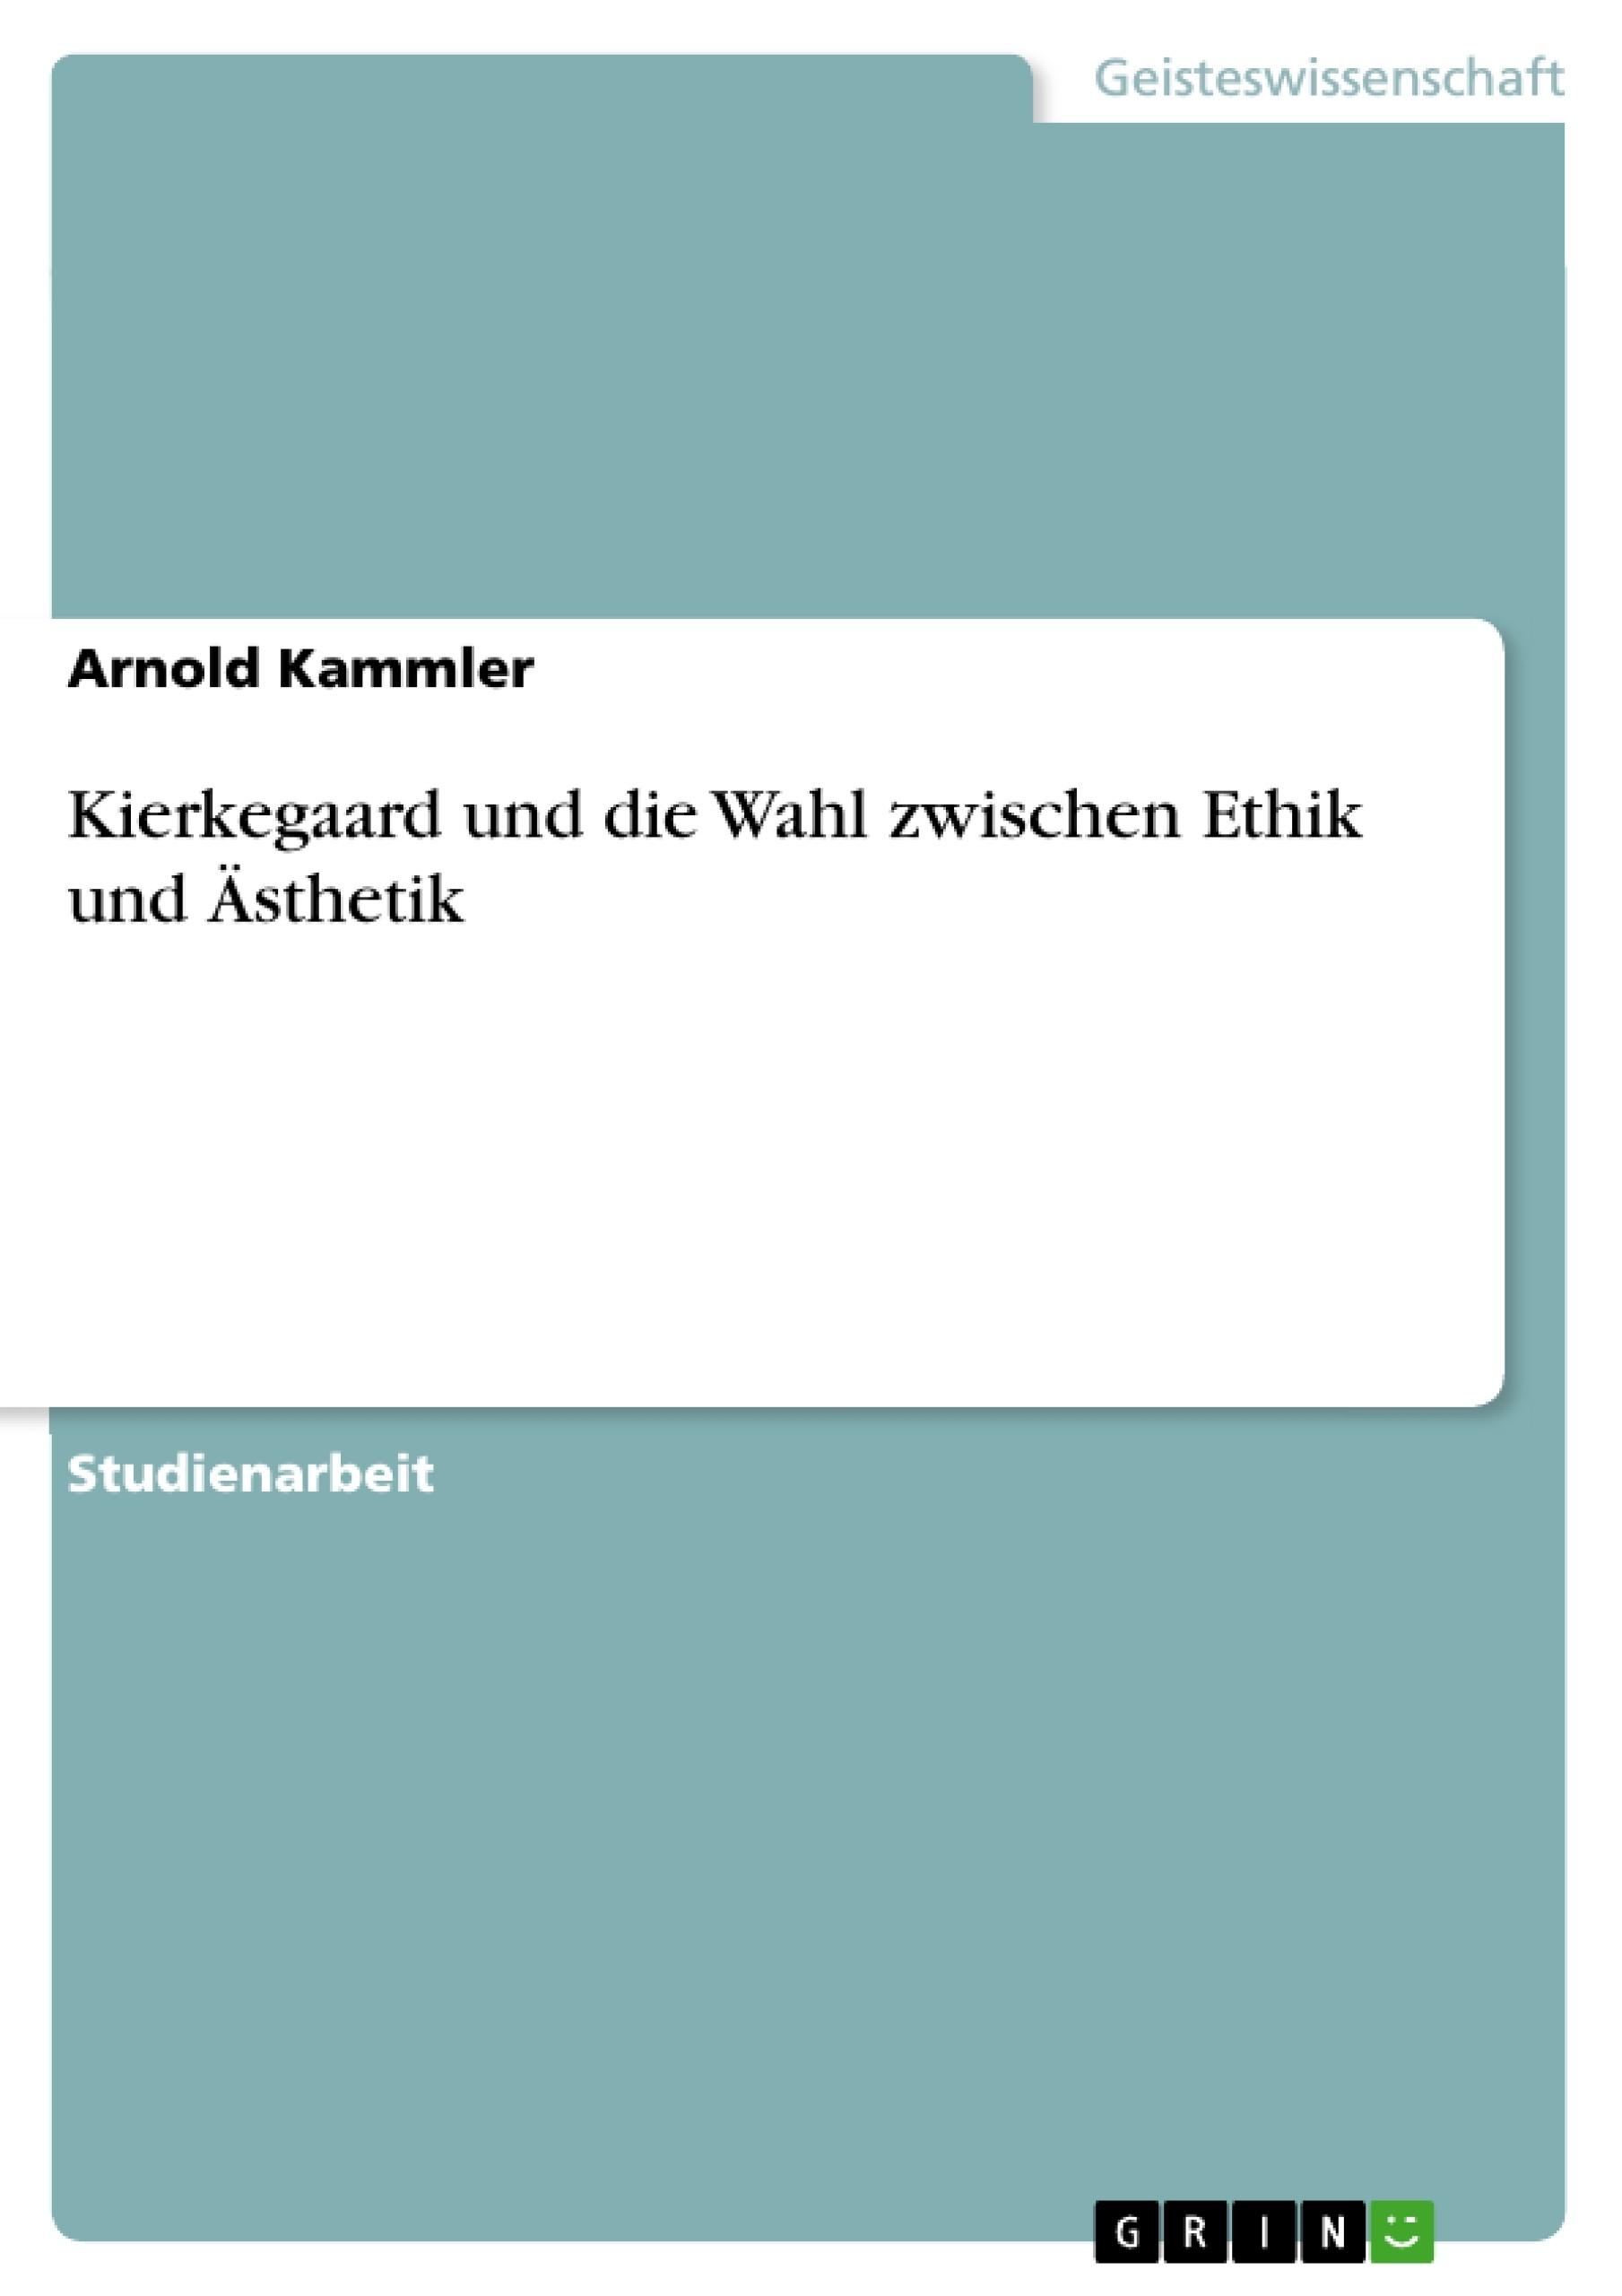 Titel: Kierkegaard und die Wahl zwischen Ethik und Ästhetik